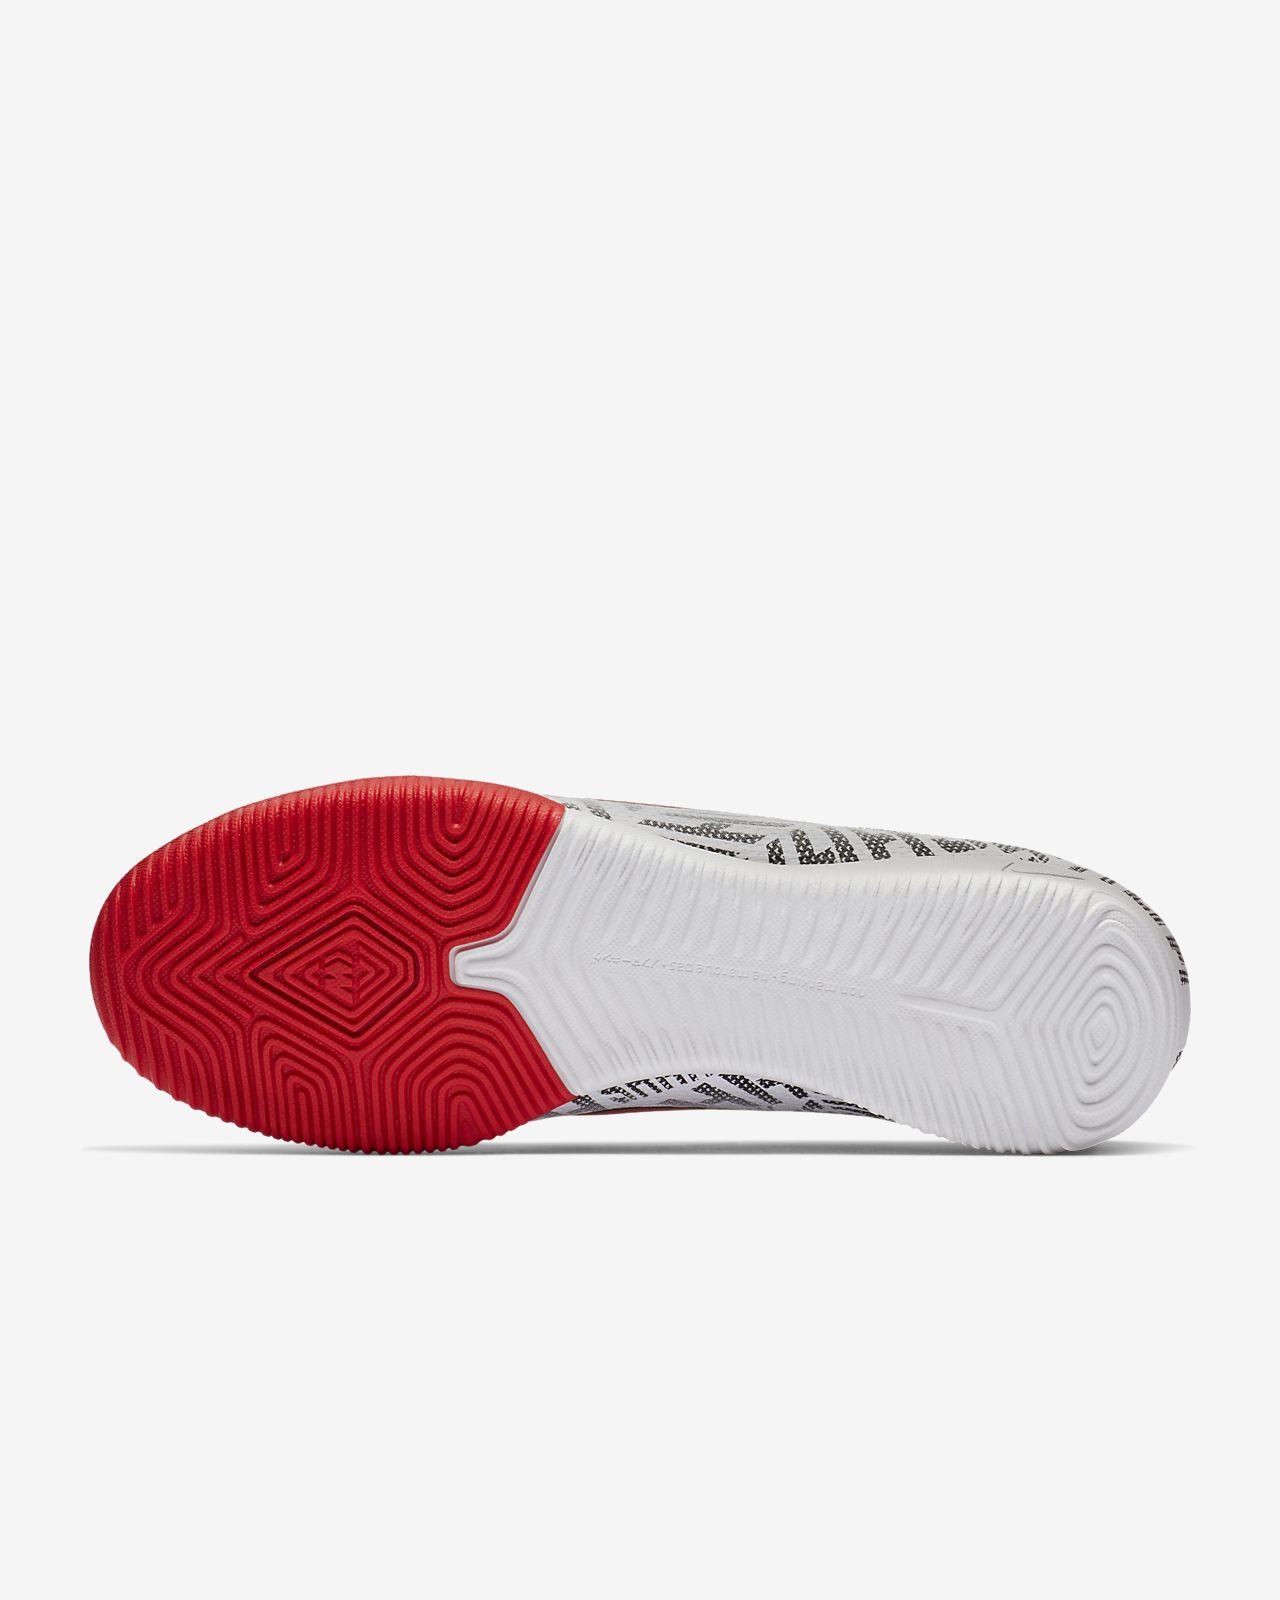 d47c0c2c39ef0 Halowe buty piłkarskie Nike Mercurial Vapor XII Academy Neymar Jr ...